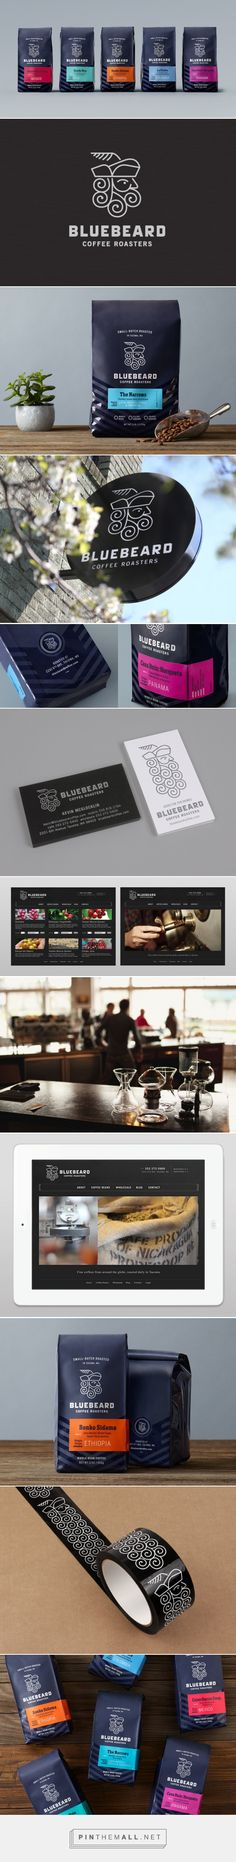 Bluebeard Coffee Roasters — The Dieline - Branding & Packaging Food Branding, Coffee Branding, Coffee Packaging, Brand Packaging, Design Packaging, Coffee Label, Chocolate Packaging, Bottle Packaging, Food Packaging